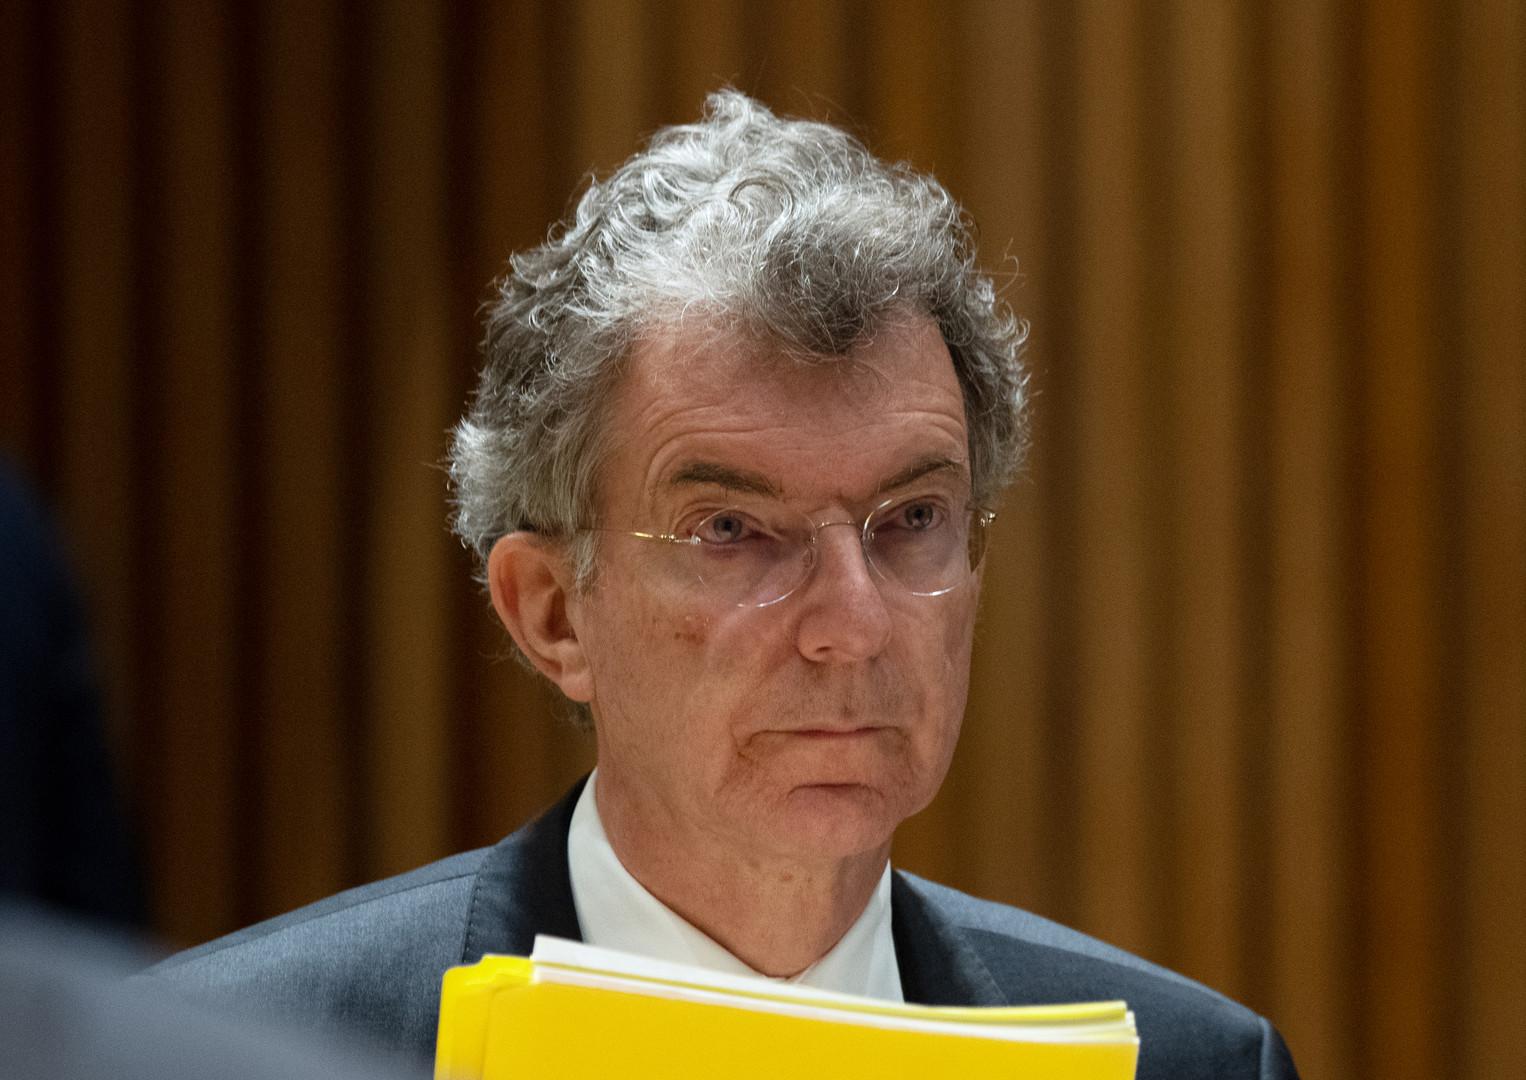 المندوب الدائم الألماني لدى الأمم المتحدة، كريستوف هويسغين